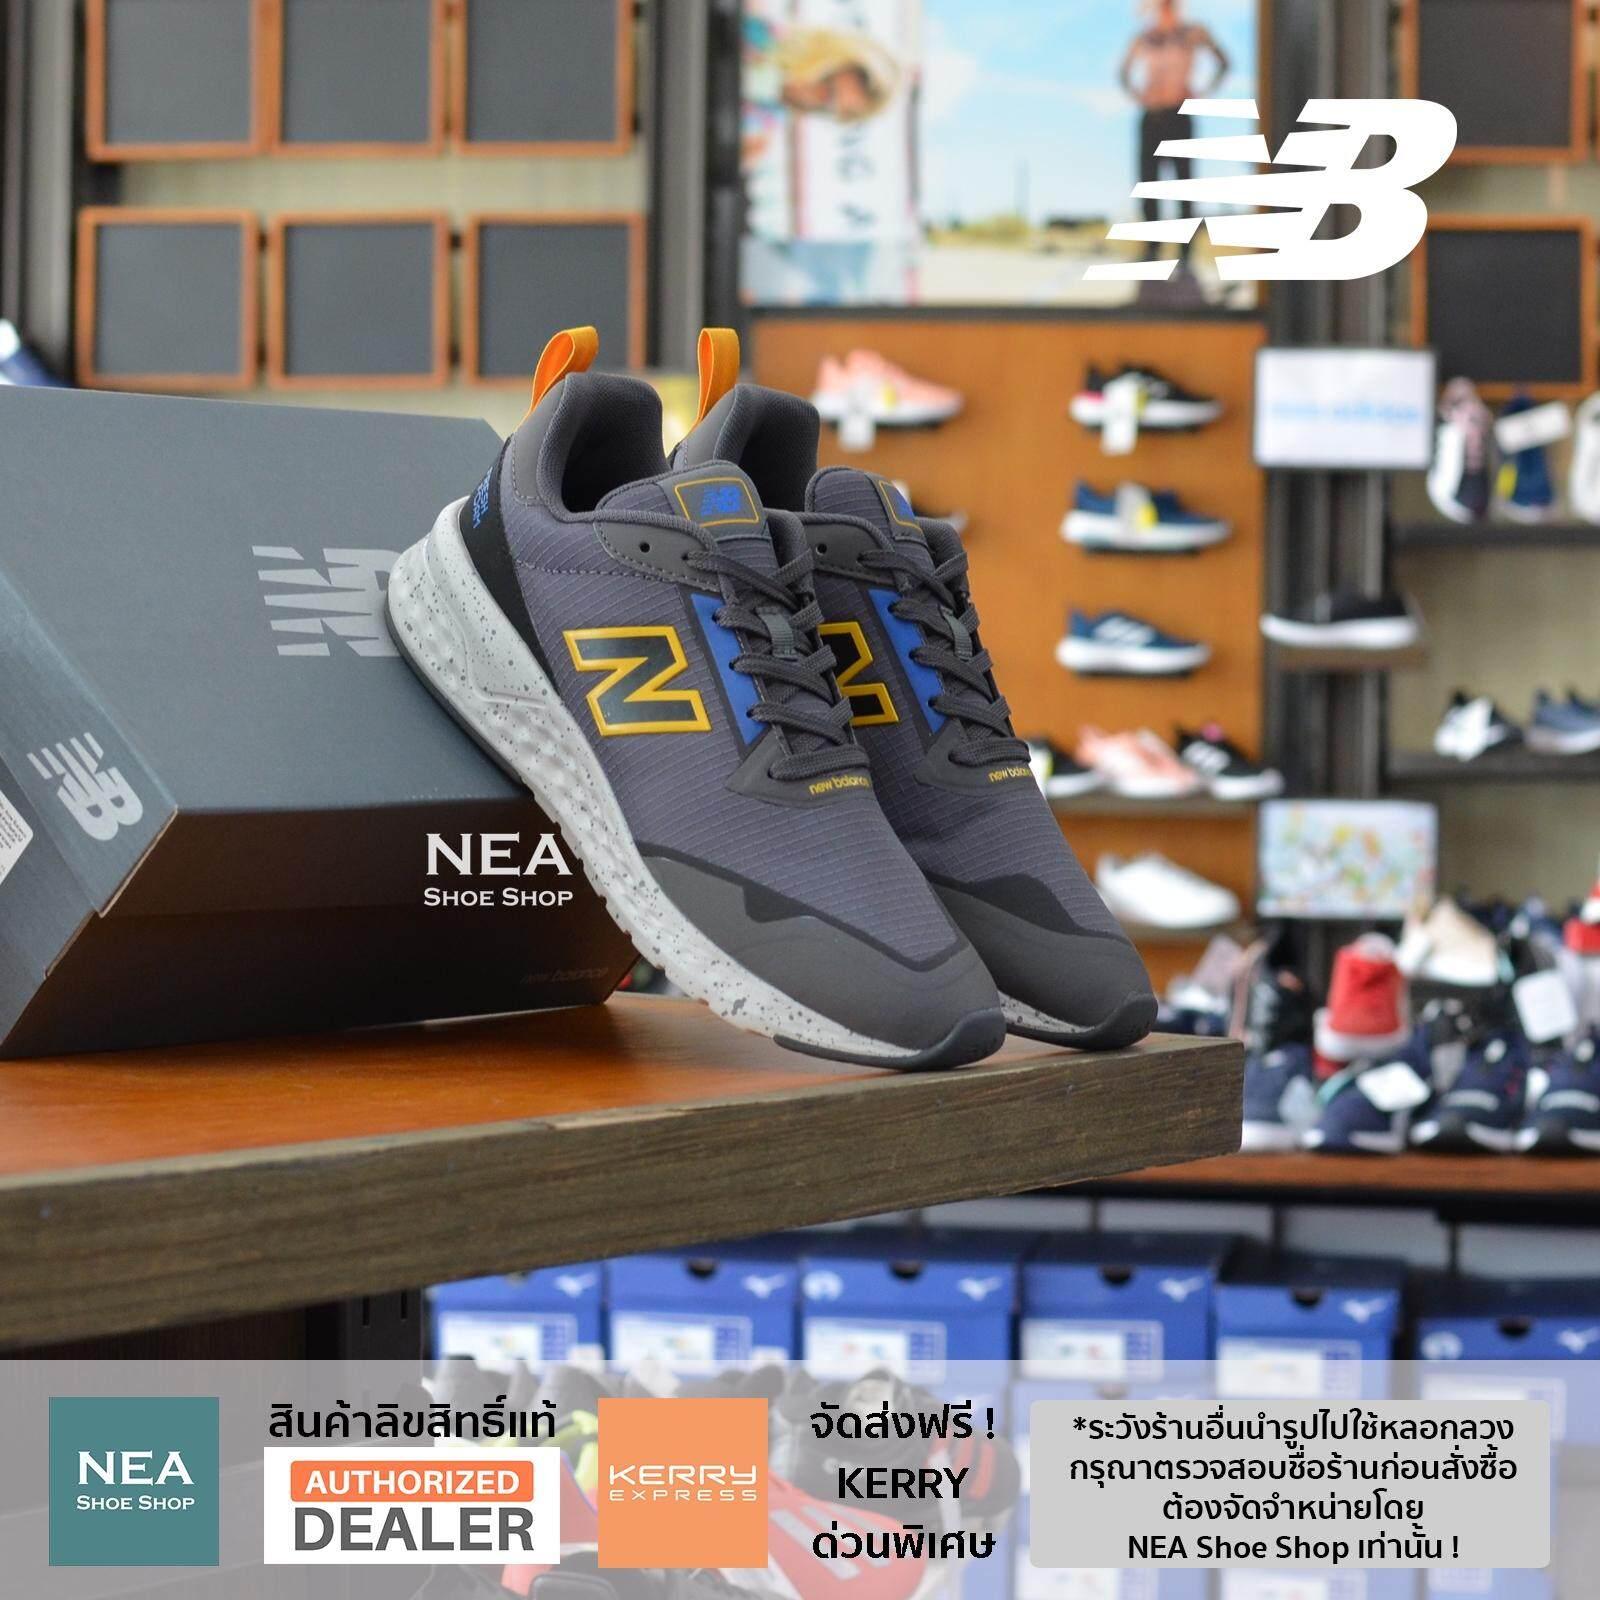 ยี่ห้อไหนดี  กระบี่ [ลิขสิทธิ์แท้] New Balance Fresh Foam 515 Magnet/Gold Rush รองเท้าผ้าใบ นิวบาลานซ์ ผู้ชาย รองรับการวิ่ง MS515LB2